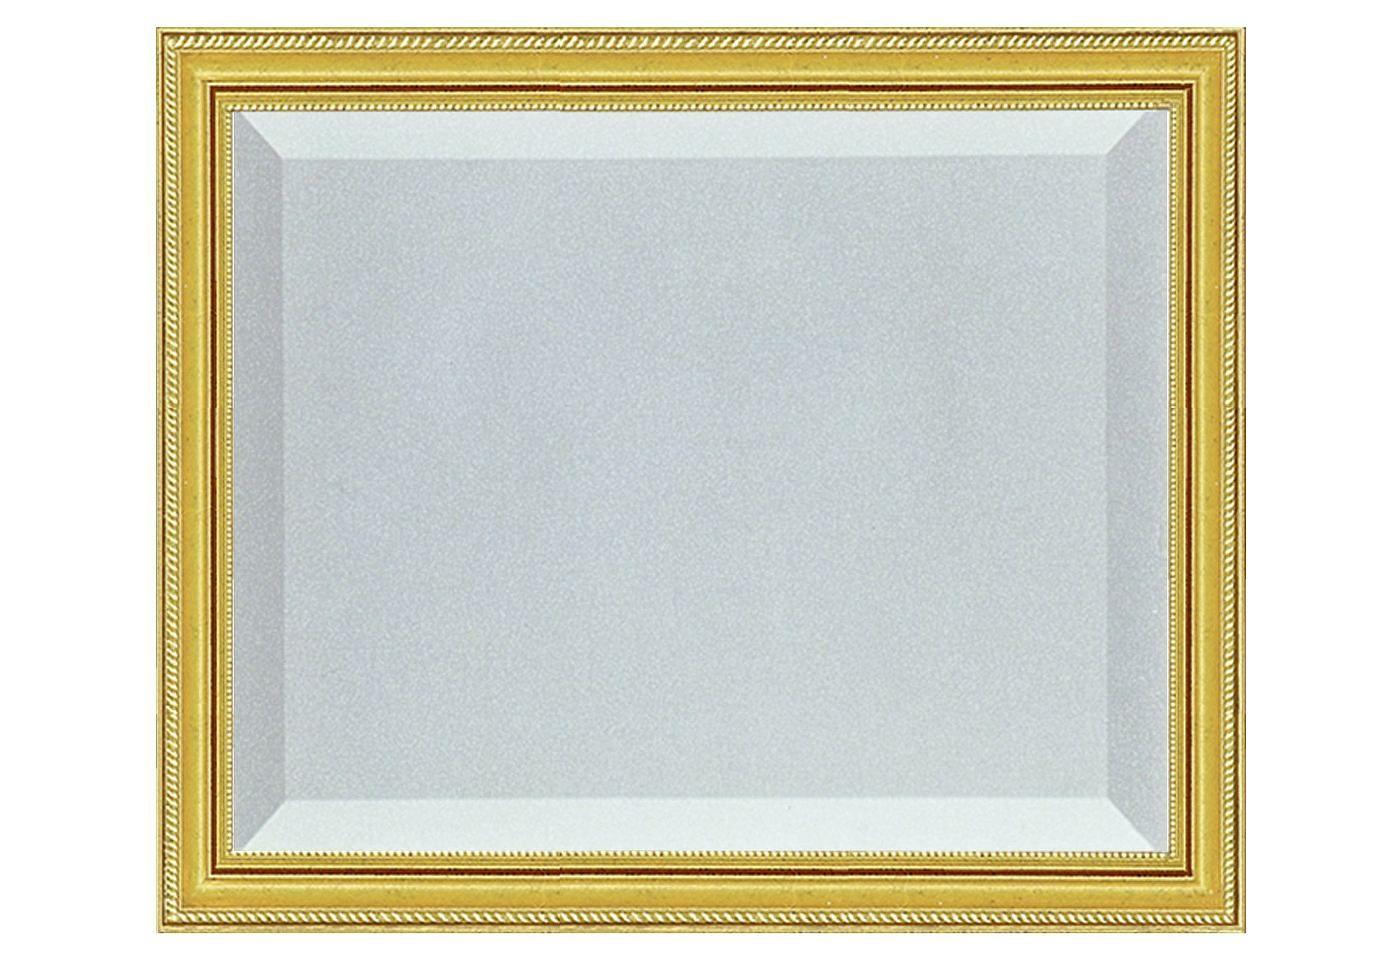 Spieglein, Spieglein an der Wand….  … dieses Glanzstück ist das Schönste im ganzen Land!  Der Spiegel mit Facette ist in einer goldfarbenen Leiste gerahmt und ist ein dekorativer und zugleich praktischer Klassiker für Ihr Zuhause.  Größe: 49,6/59,6 cm. Farbe: gold....